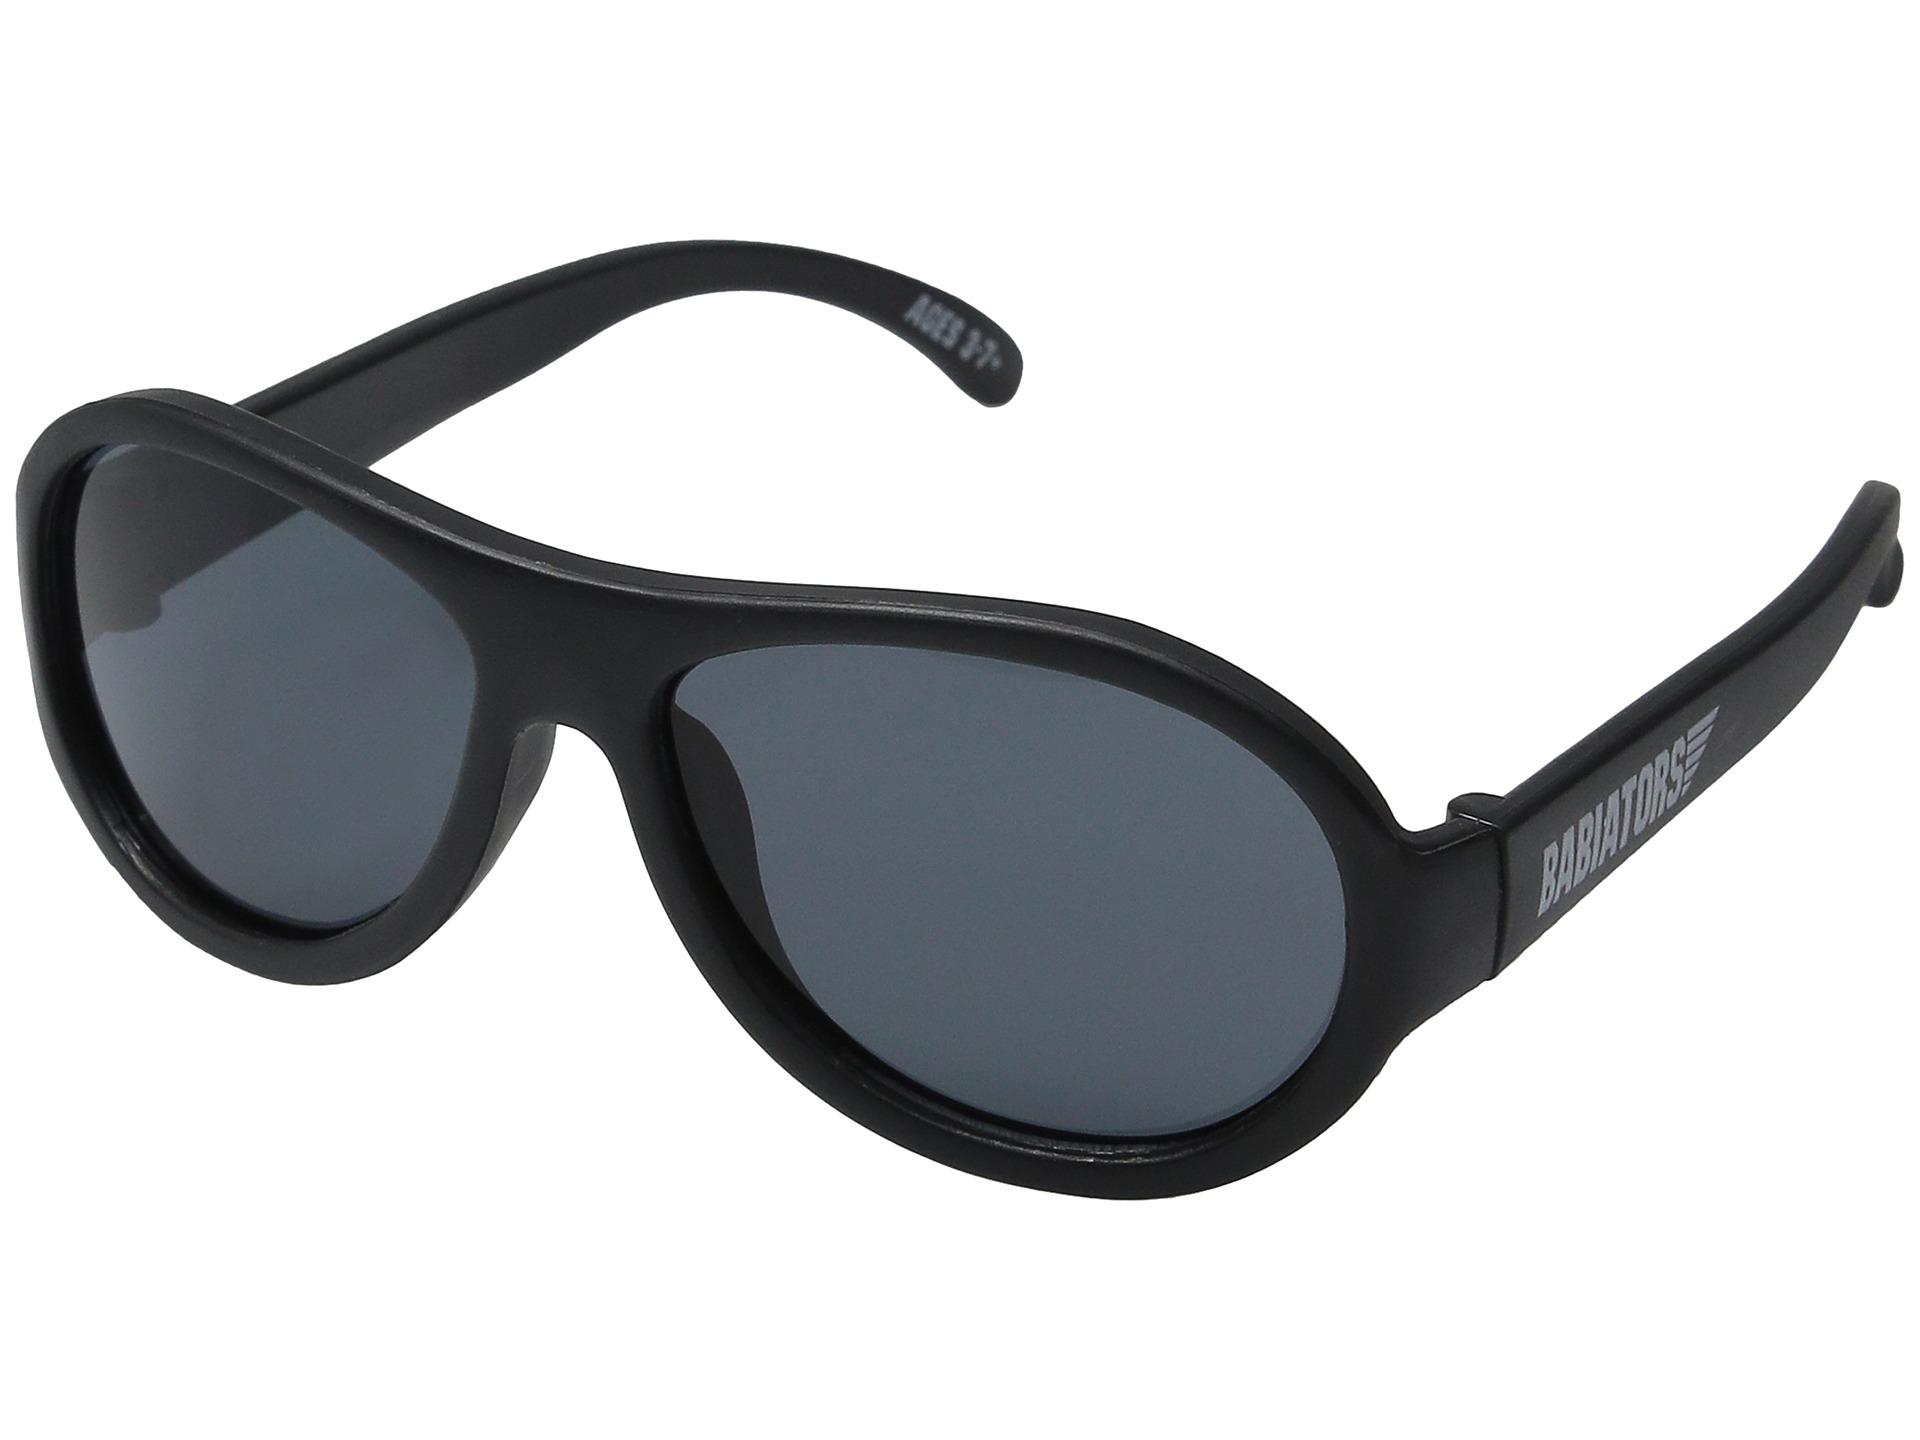 Babiators - Original Aviator - Solglasögon för barn - Svart (3-5 år)